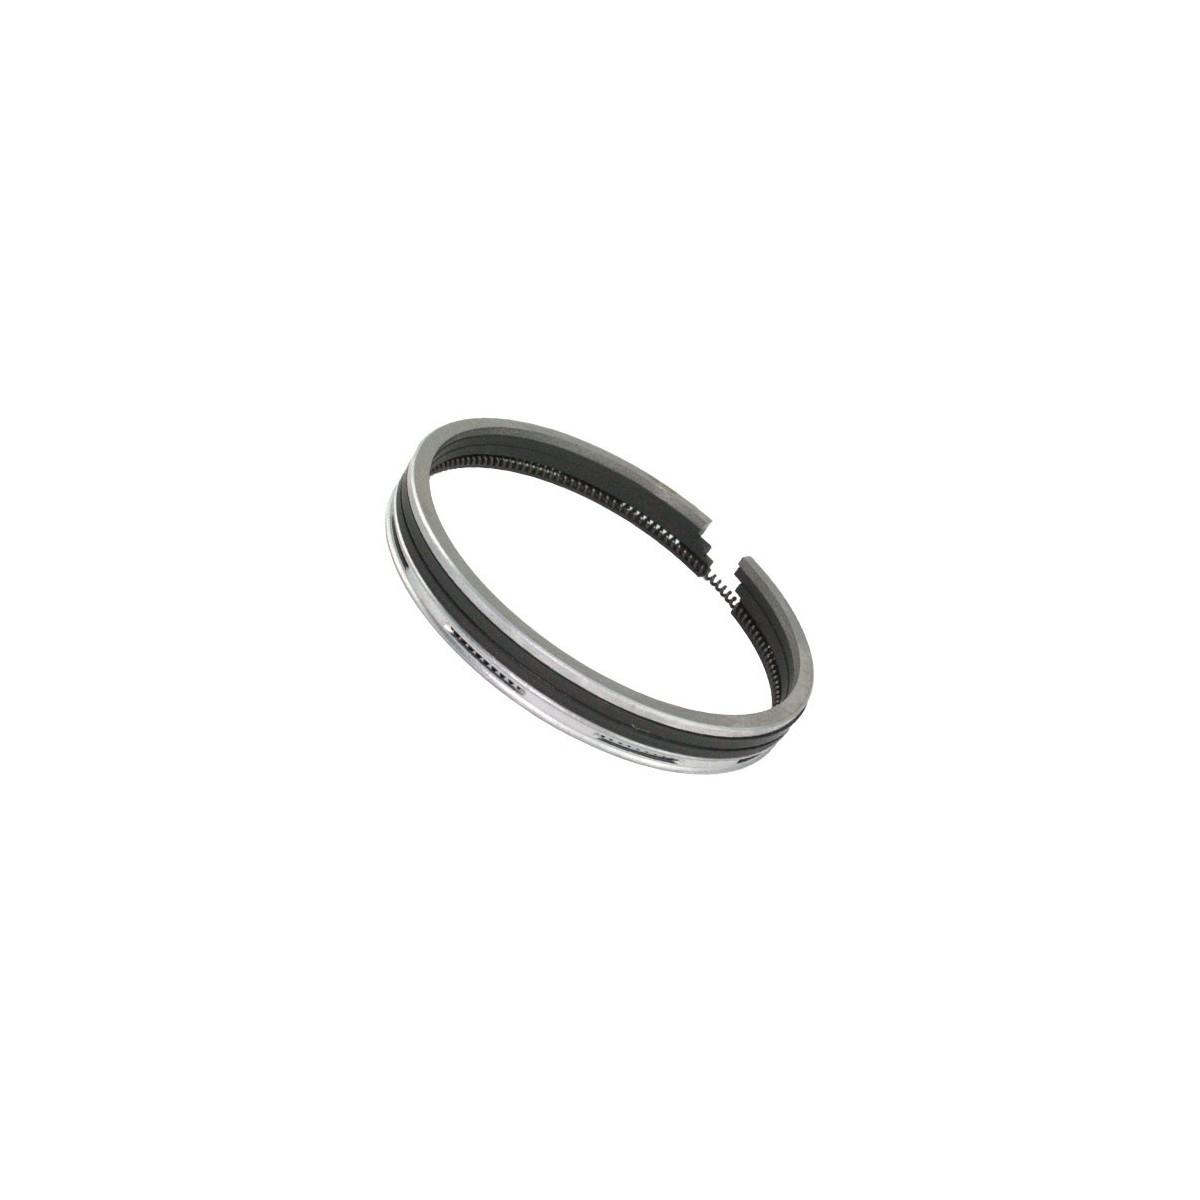 Pierścienie tłokowe zestaw Yanmar YM-2000-YM1900  705500-22500  90:2.5 x 2.5 x2.5 x 4 STD